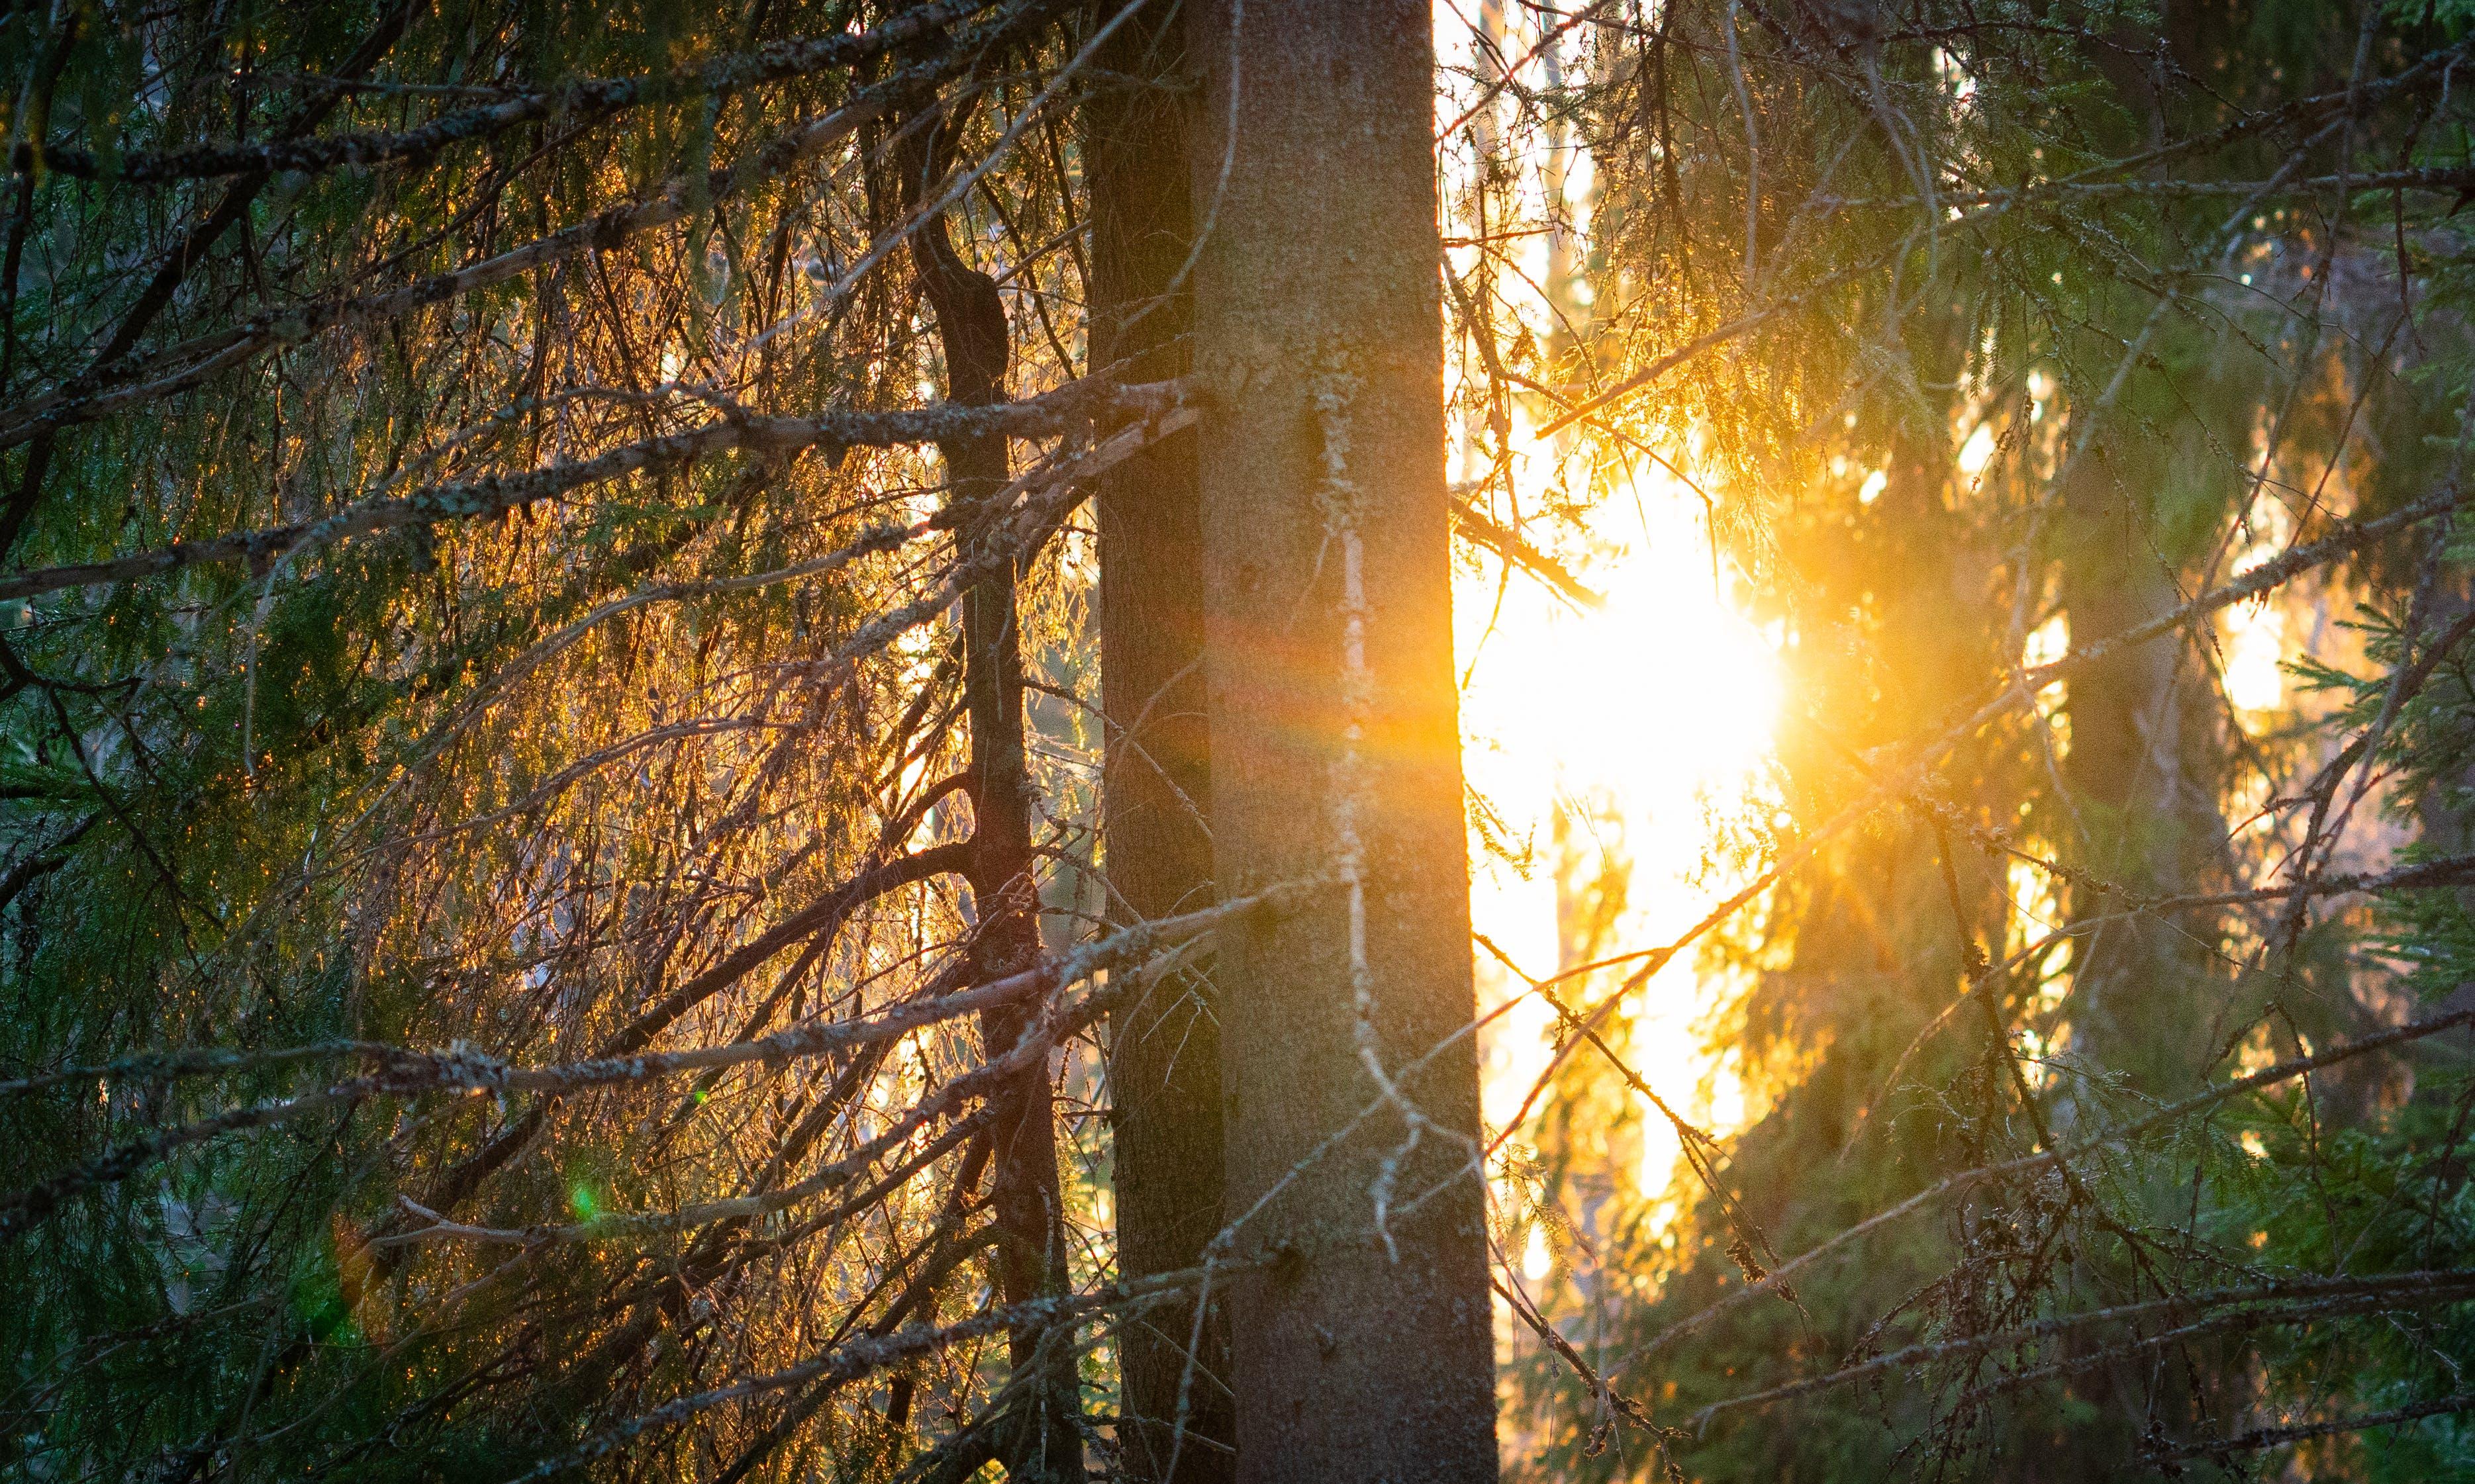 太陽, 晚間, 森林, 樹木 的 免費圖庫相片